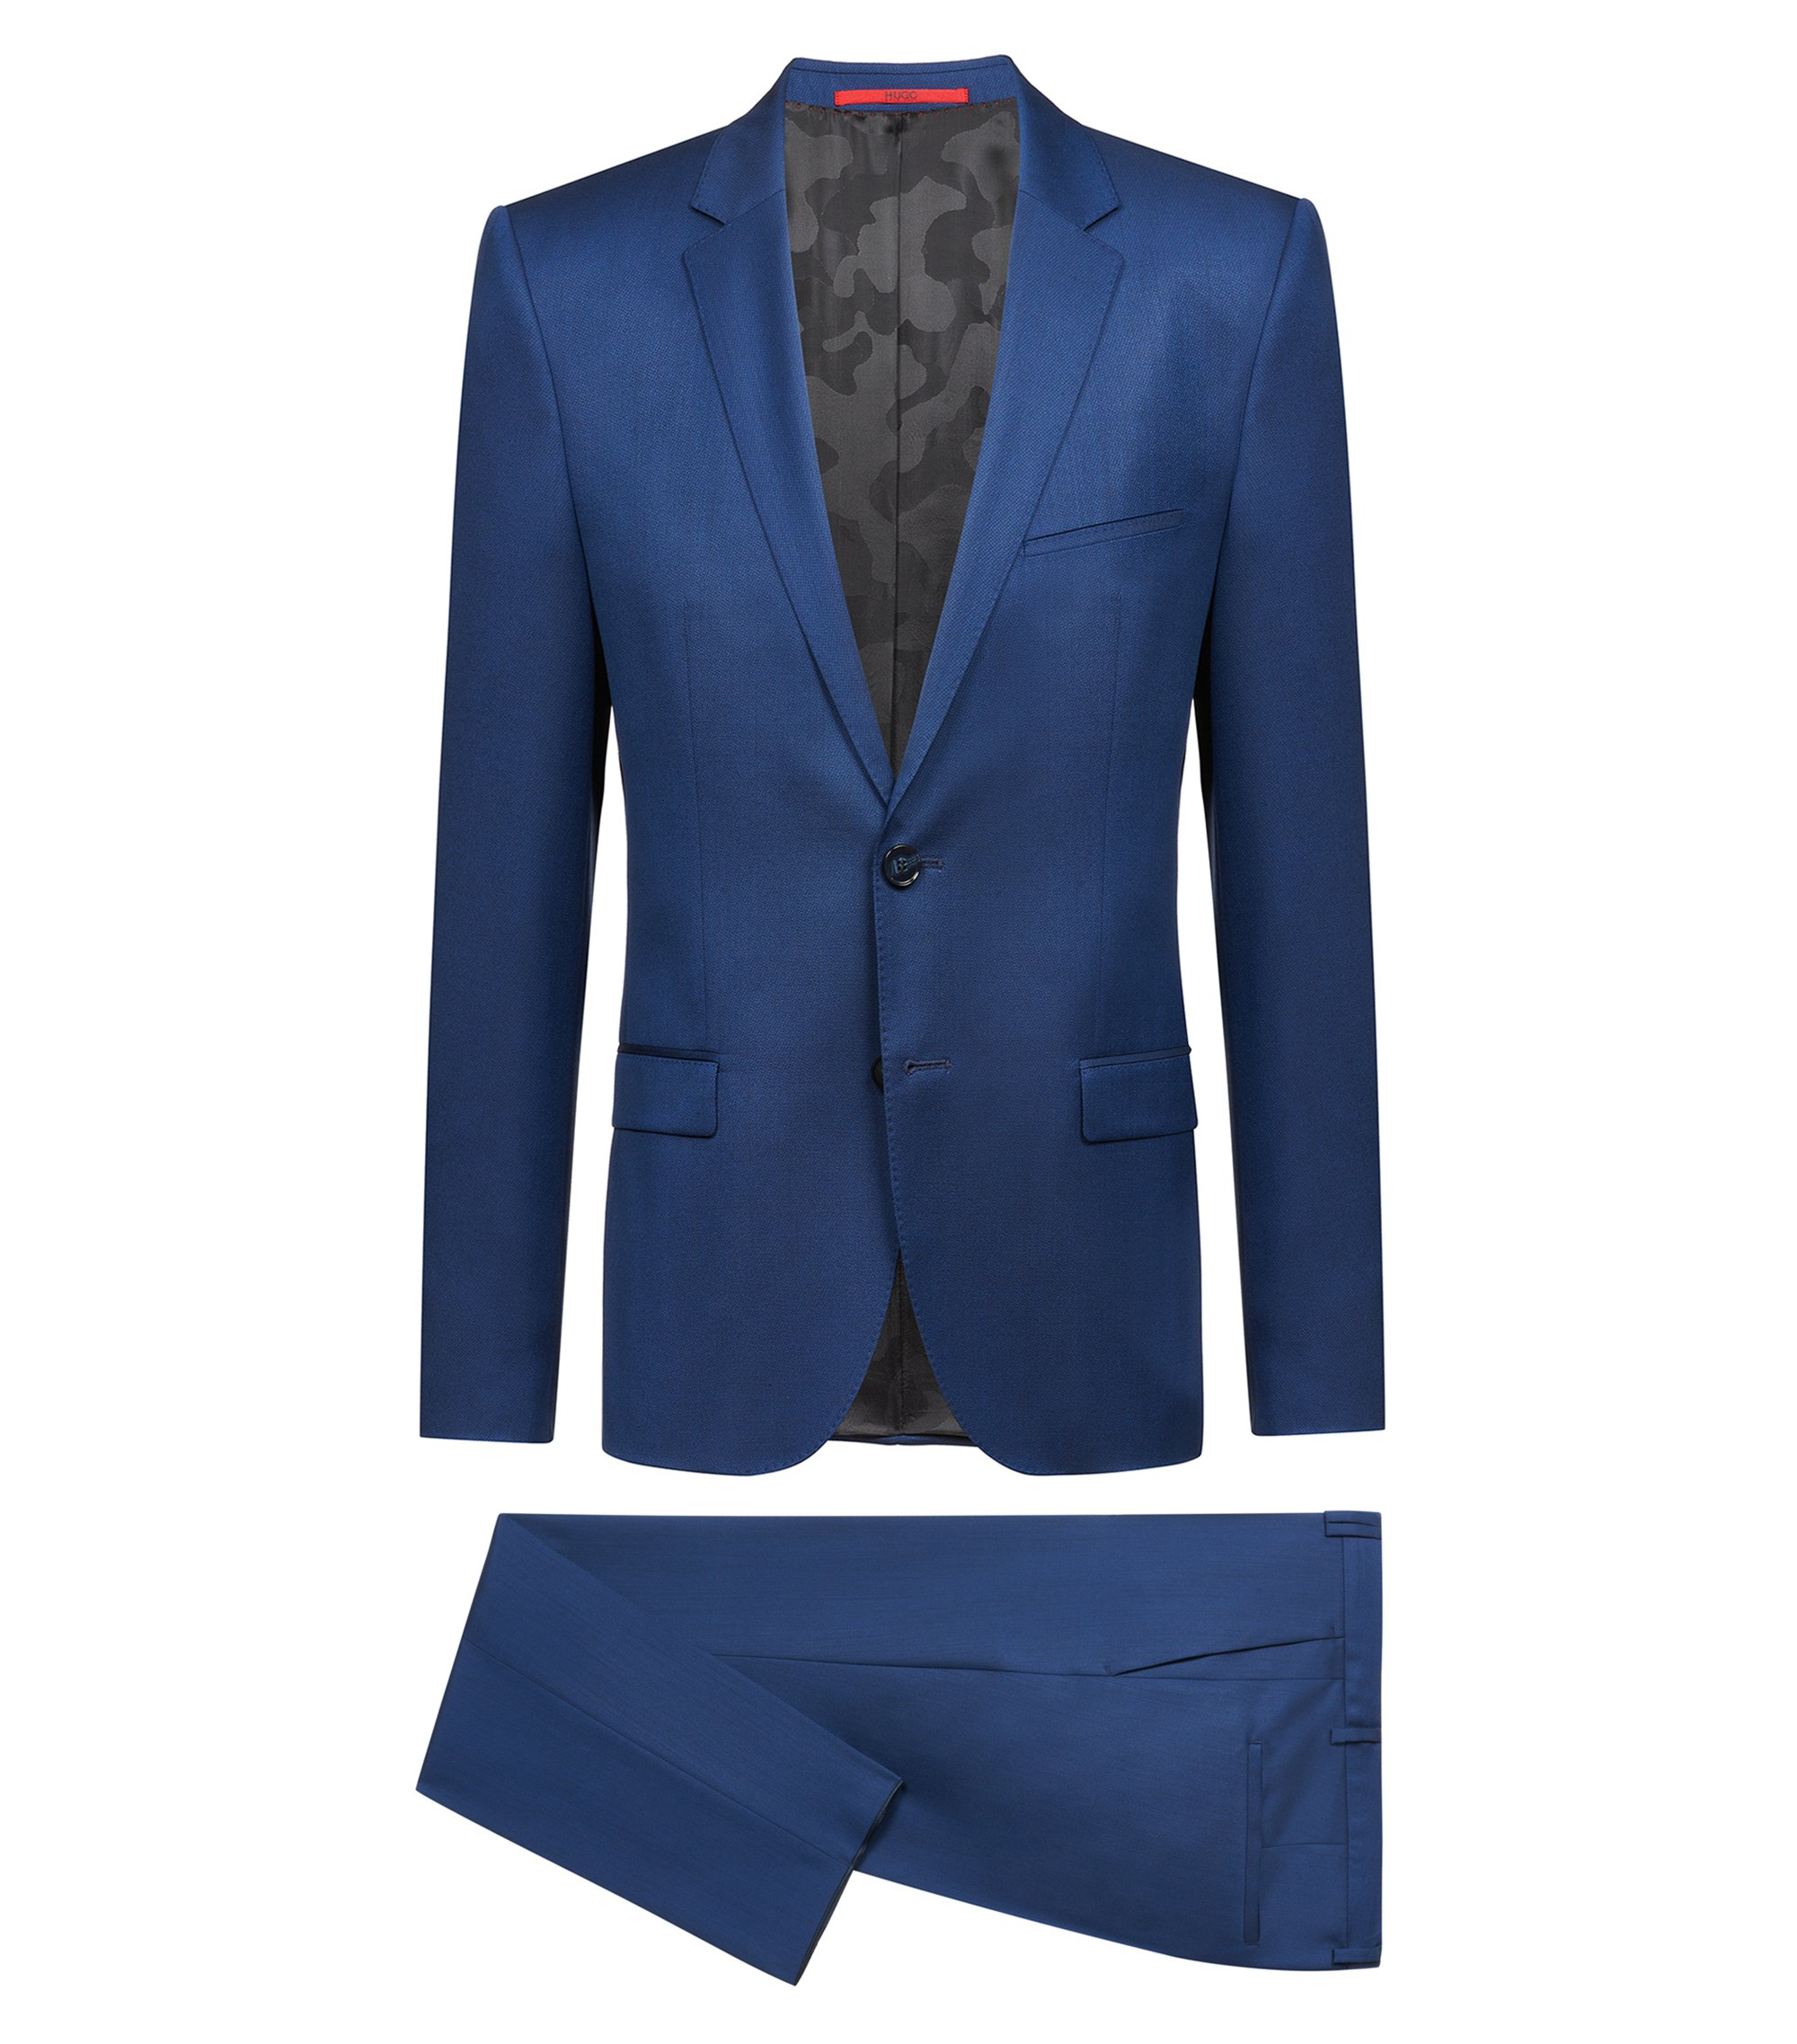 Costume Extra Slim Fit en laine vierge avec rembourrage au niveau de la poitrine, Bleu